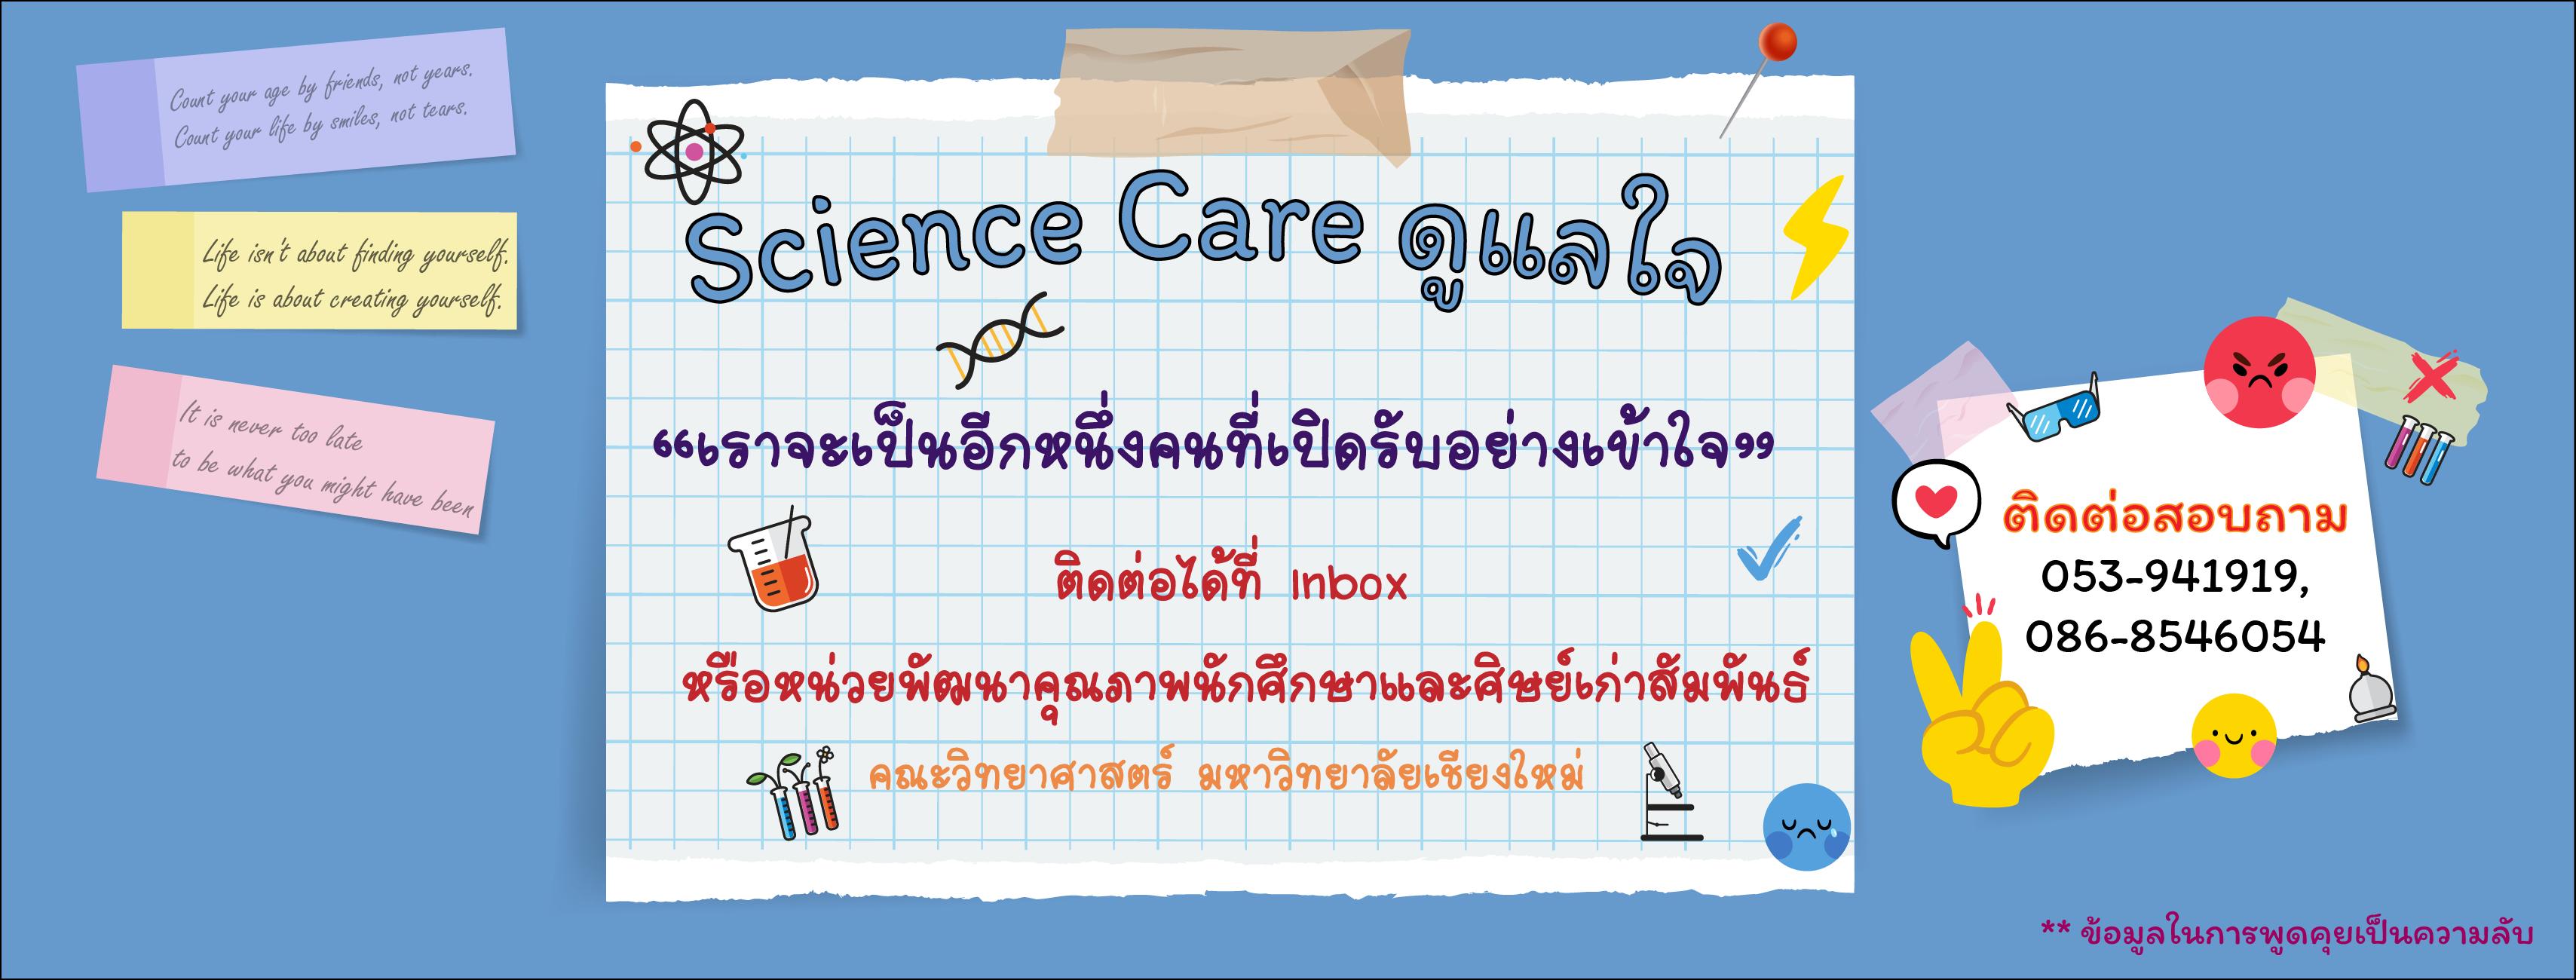 Science Care ดูแลใจ บริการให้คำปรึกษาทุกเรื่องราวไม่สบายใจ โดยนักจิตวิทยาประจำคณะวิทยาศาสตร์